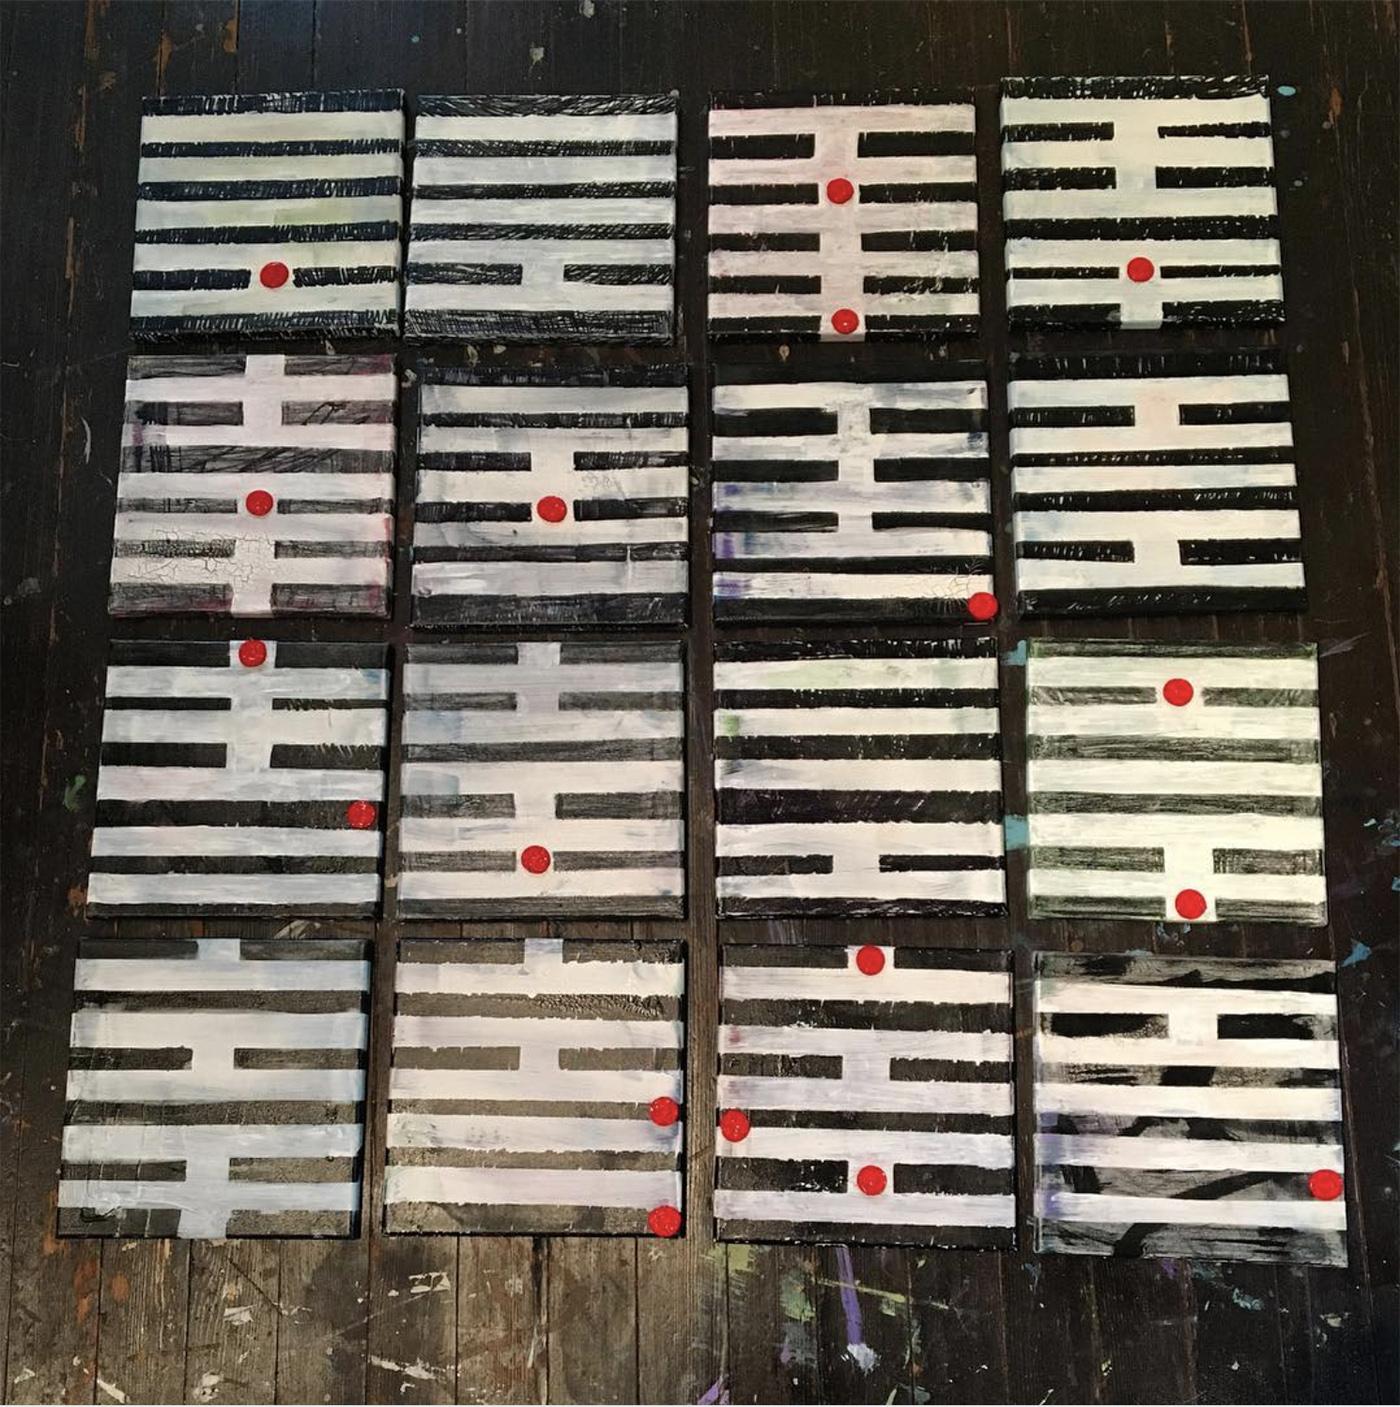 I Ching grid